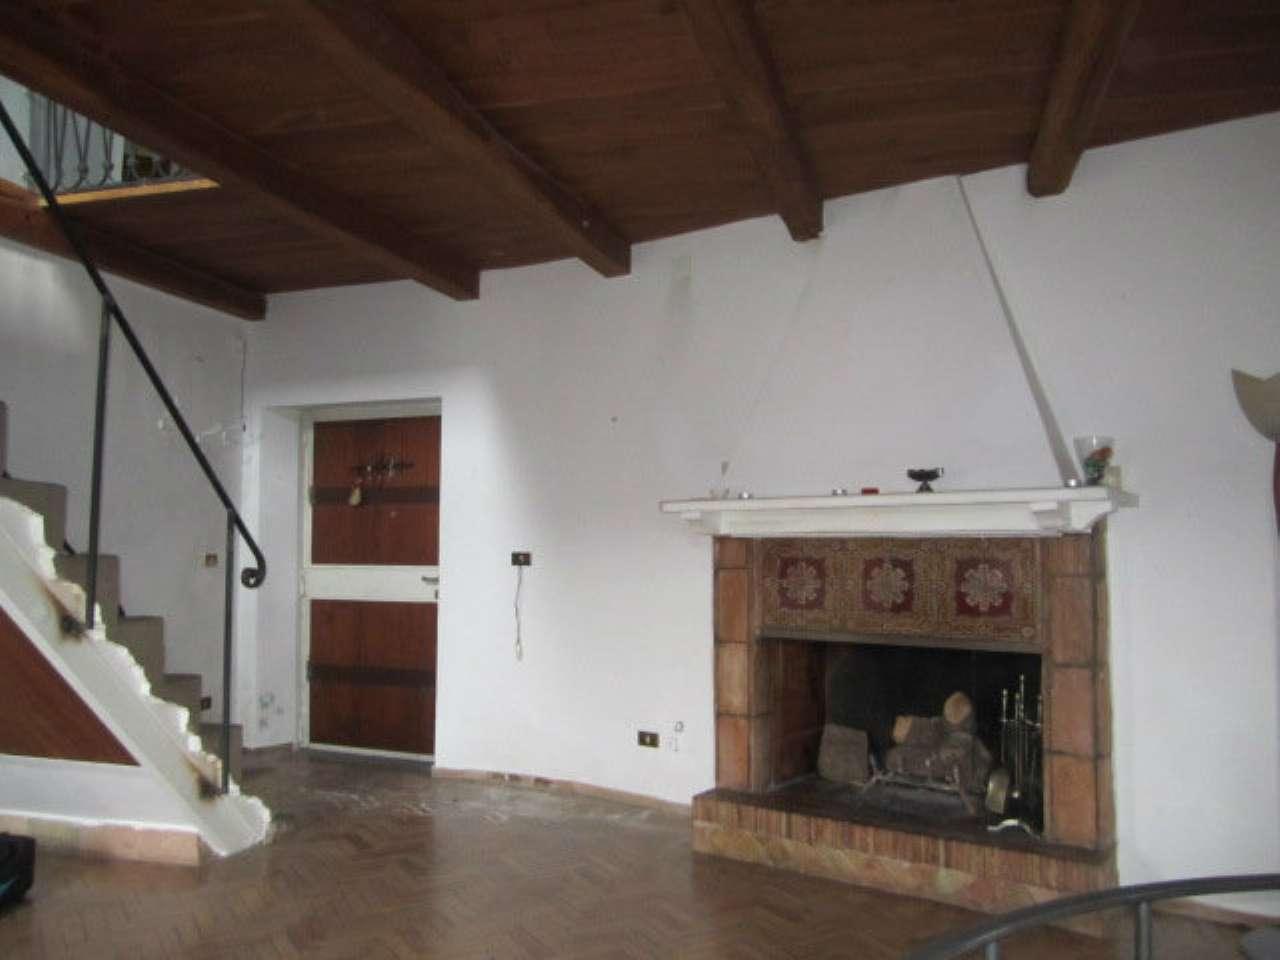 Palazzo / Stabile in vendita a Morlupo, 6 locali, prezzo € 195.000 | Cambio Casa.it